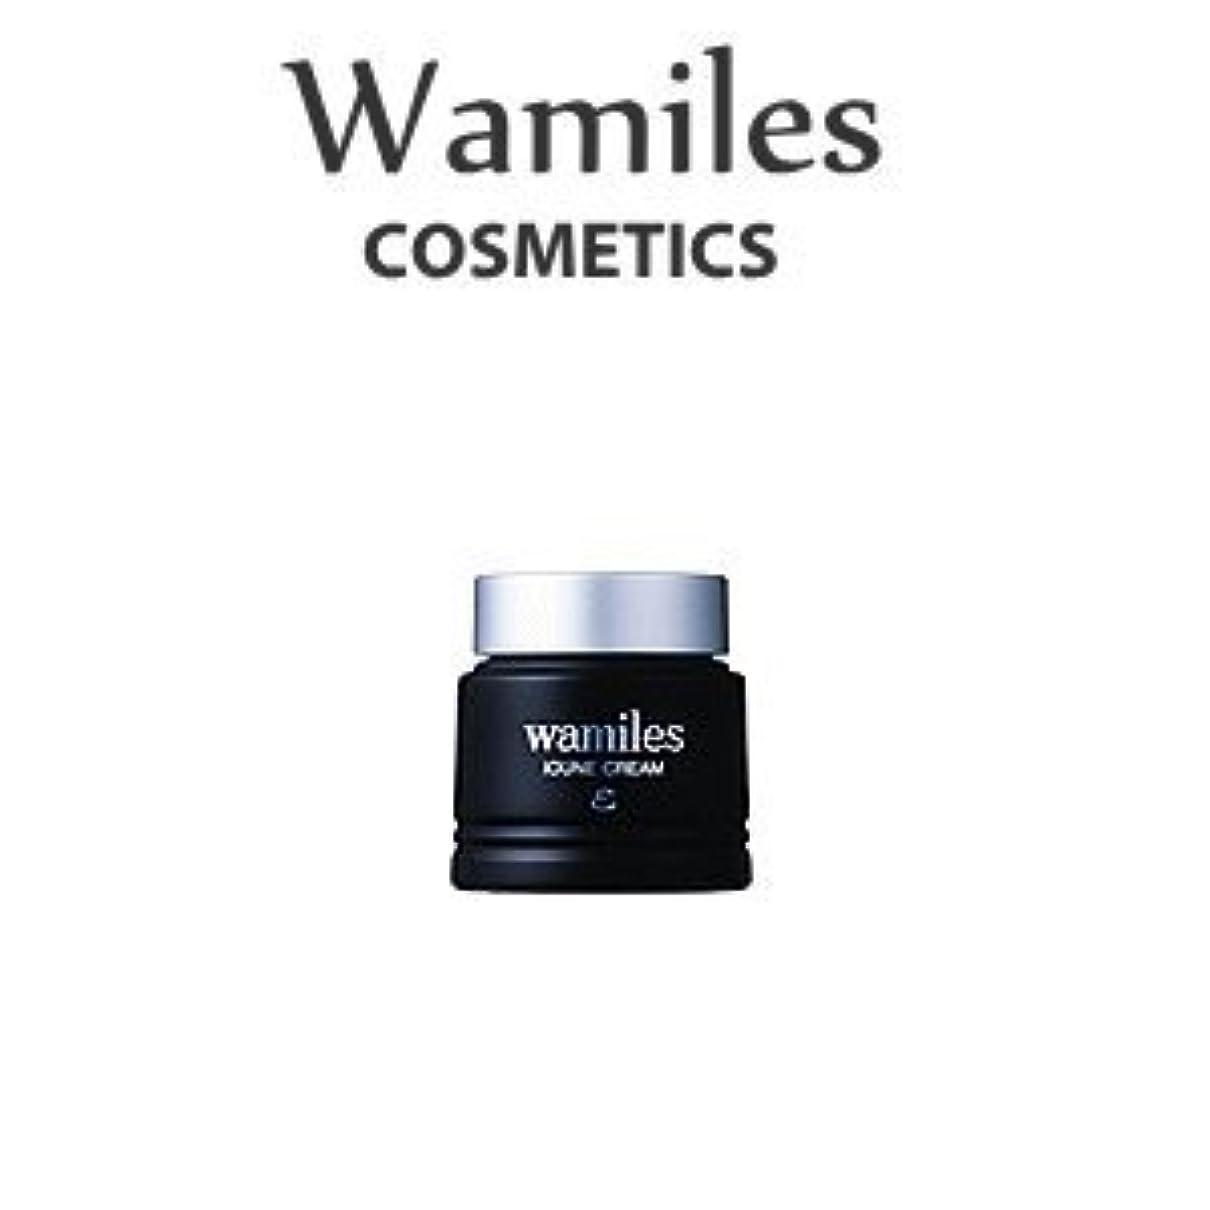 賢い眠っているきゅうりwamiles/ワミレス ベーシックライン イオンヌ クリーム 53g 美容 保湿